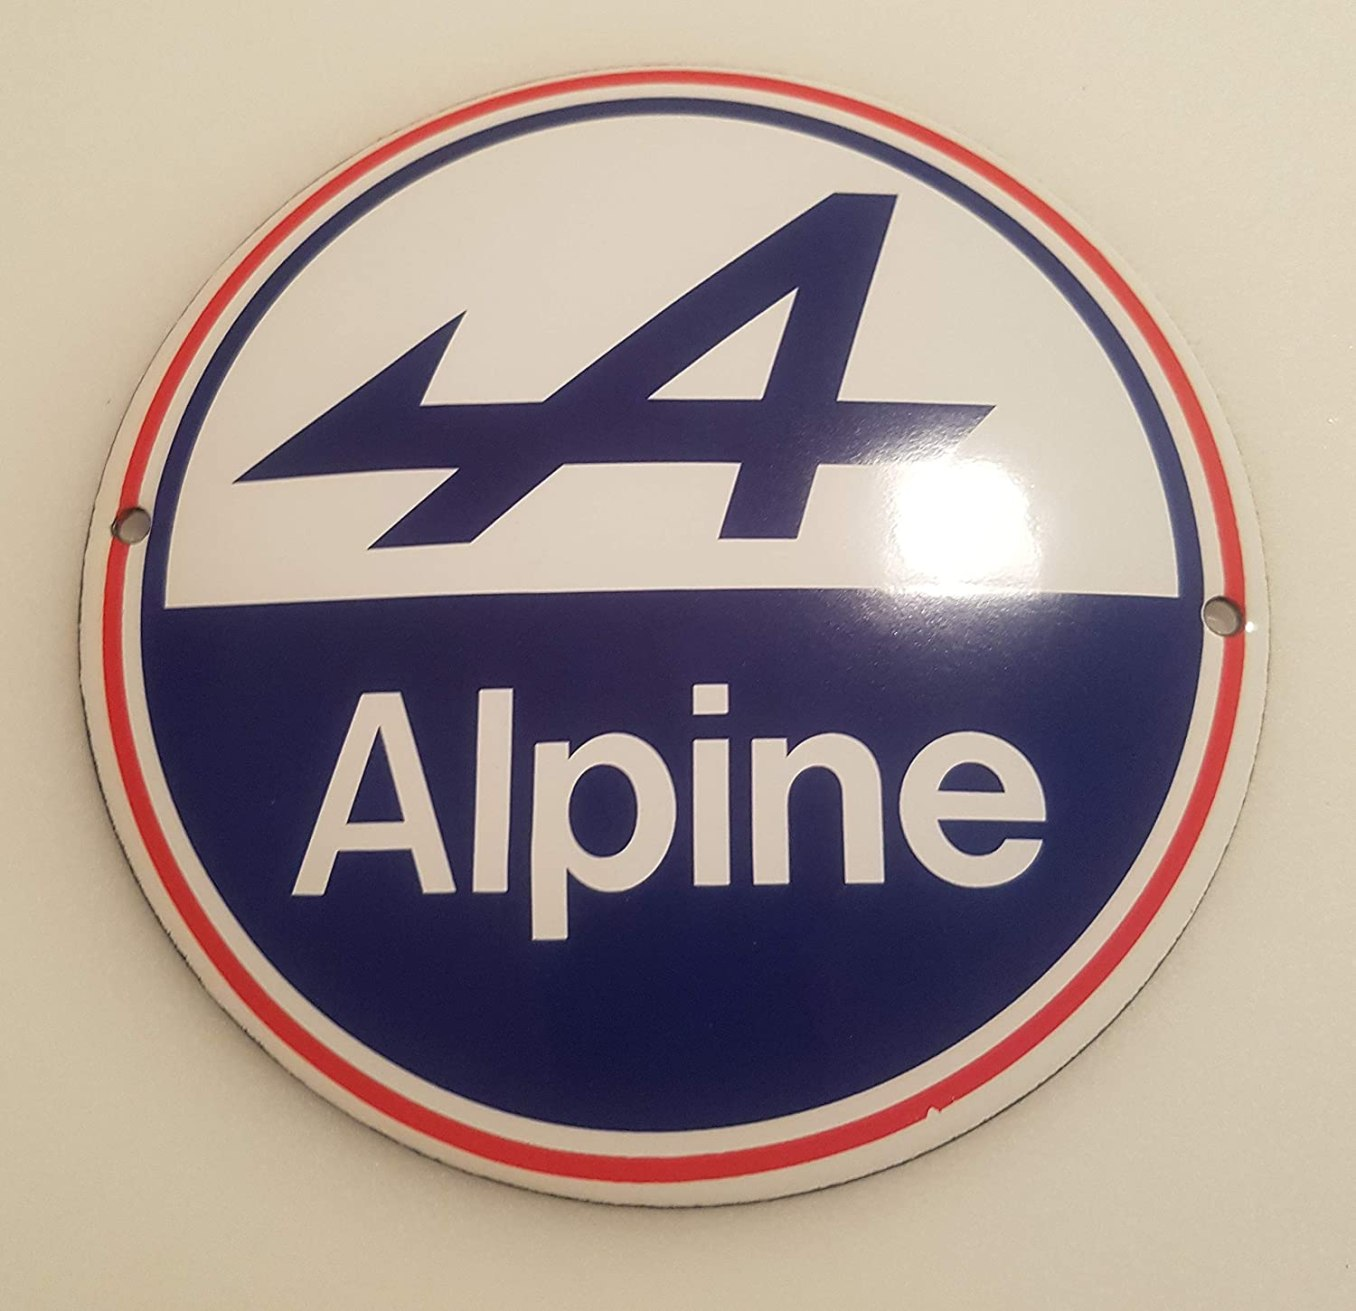 EMAILLE Panneau de signalisation O 12 cm Alpine 2 Panneau de Porte en Forme de Panneau de signalisation   30 idées de cadeaux de Noël pour les passionnés d'Alpine